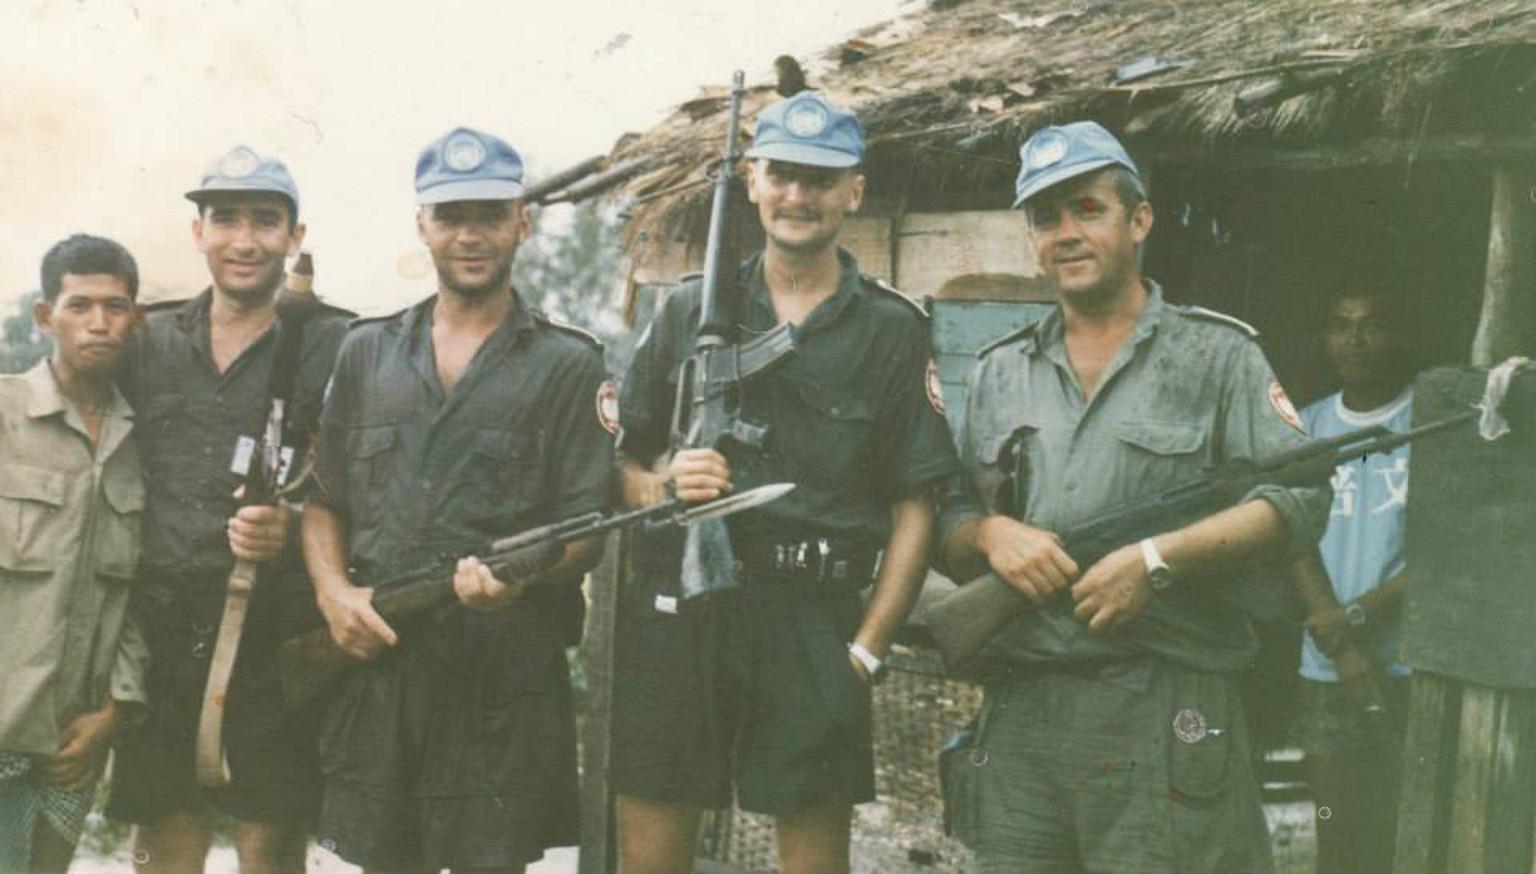 Polscy żołnierze w Kambodży